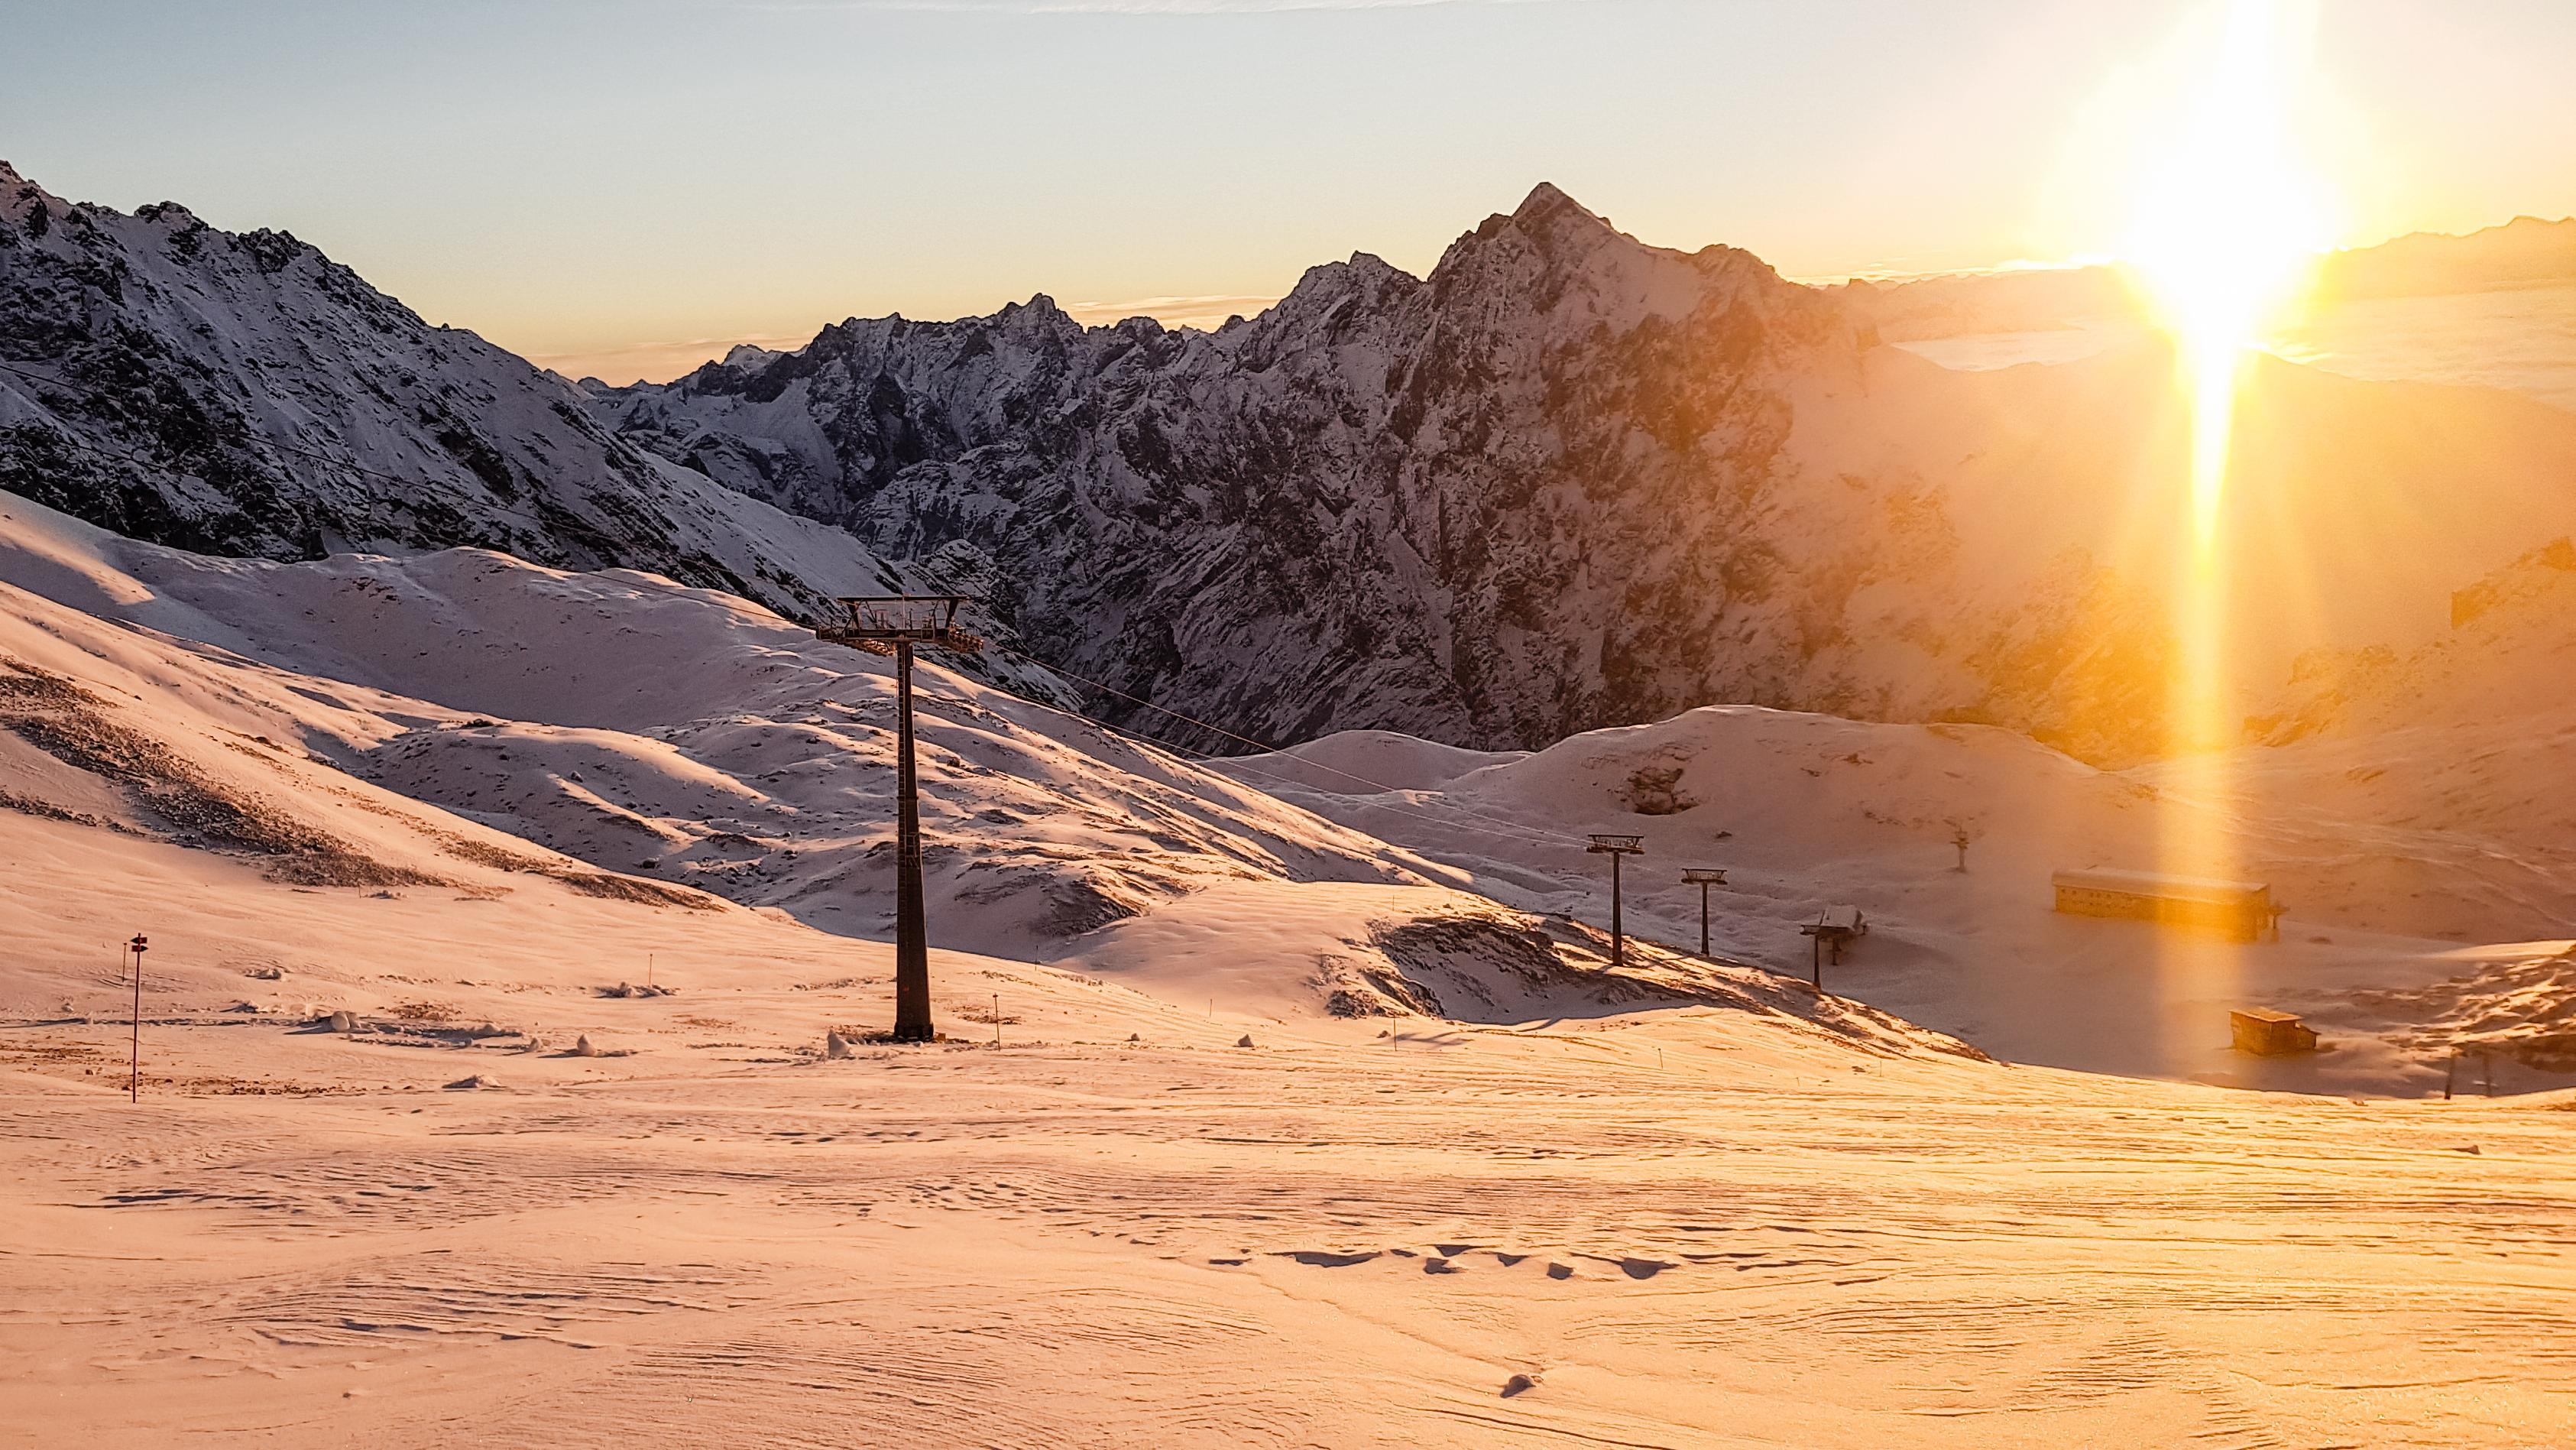 Die Skipisten auf der Zugspitze im Sonnenlicht.